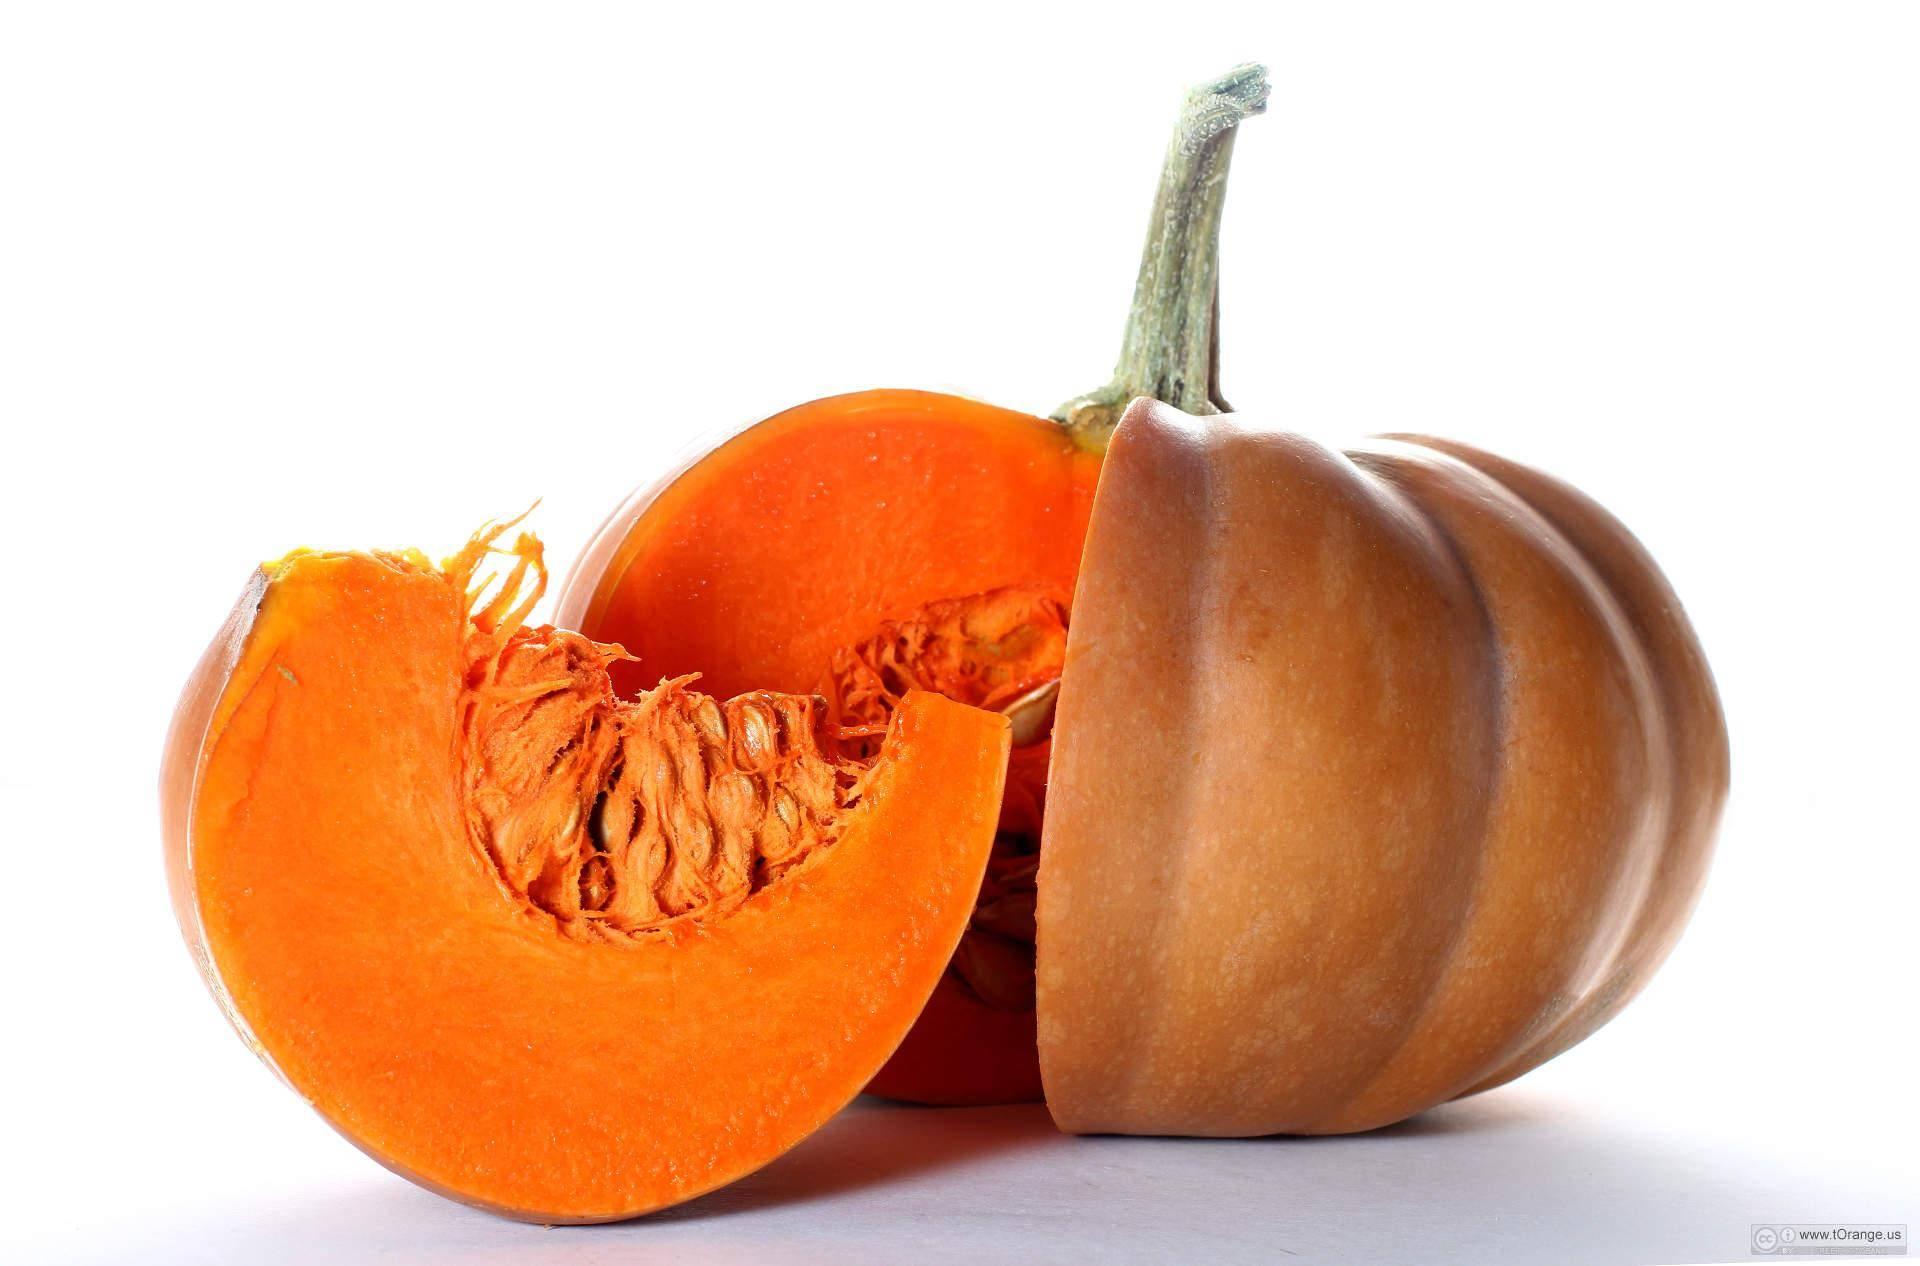 Тыква баттернат (ореховая): описание сорта, фото, отзывы, польза и вред, калорийность, выращивание, сладкая или нет